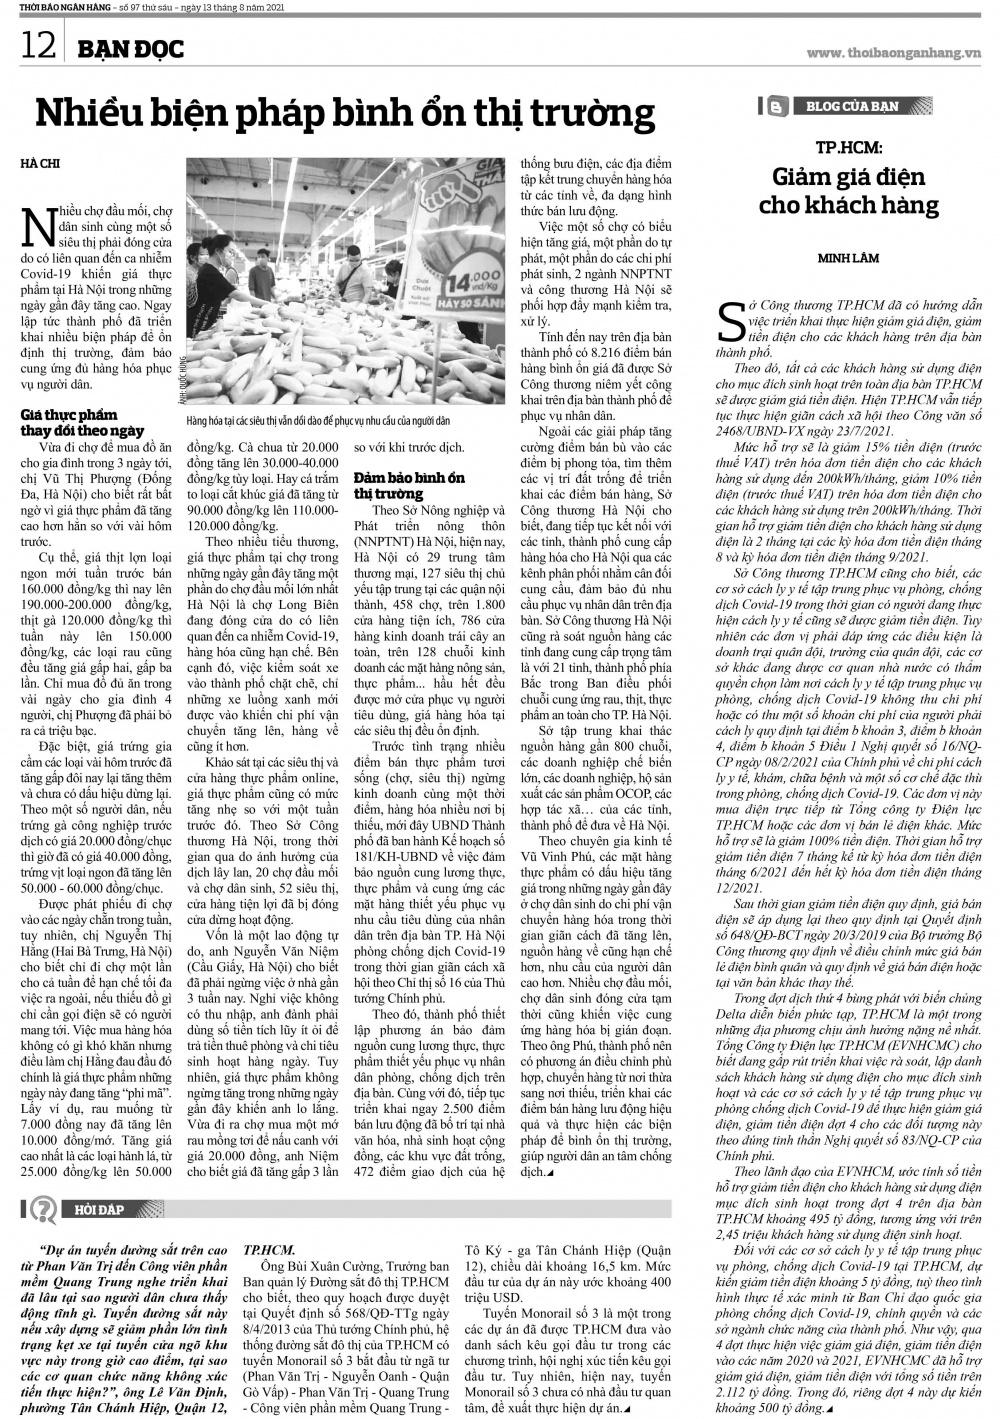 Trang 11